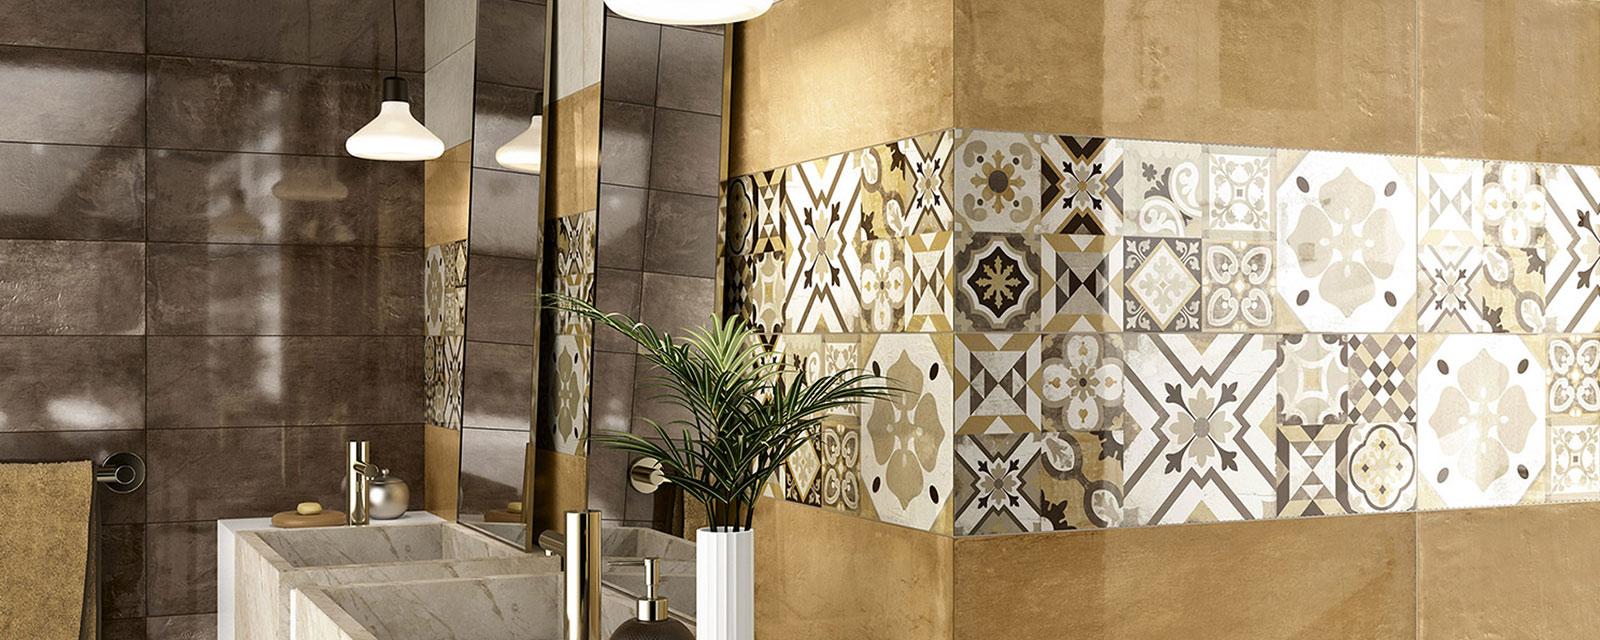 Carrelage Salle De Bain Avec Mosaique frise de salle de bains : comment bien la choisir ? | guide